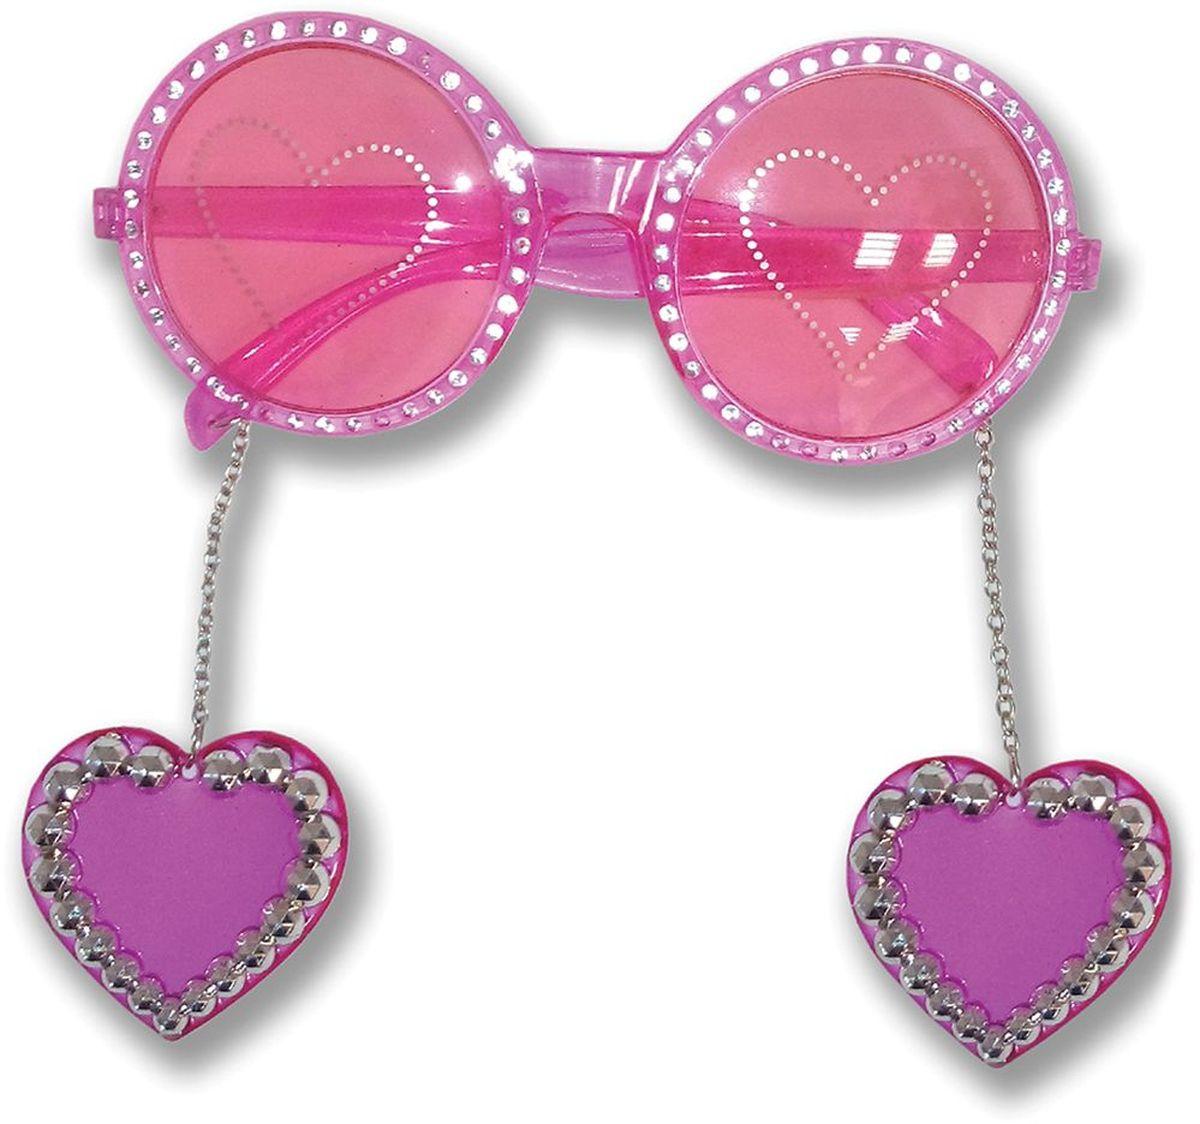 Partymania Очки для вечеринок T1221 цвет сердечкиT1221_сердечкиНа корпоративной вечеринке или на домашнем празднике станет еще веселее, если раздать гостям смешные очки. Они так же могут стать забавными призами в конкурсах. Преобразите коллег или друзей с помощью этих очков, и Вы увидите, как хорошее настроение стремительно увеличивается. Не являются солнцезащитными. Не имеют UF-фильтров.